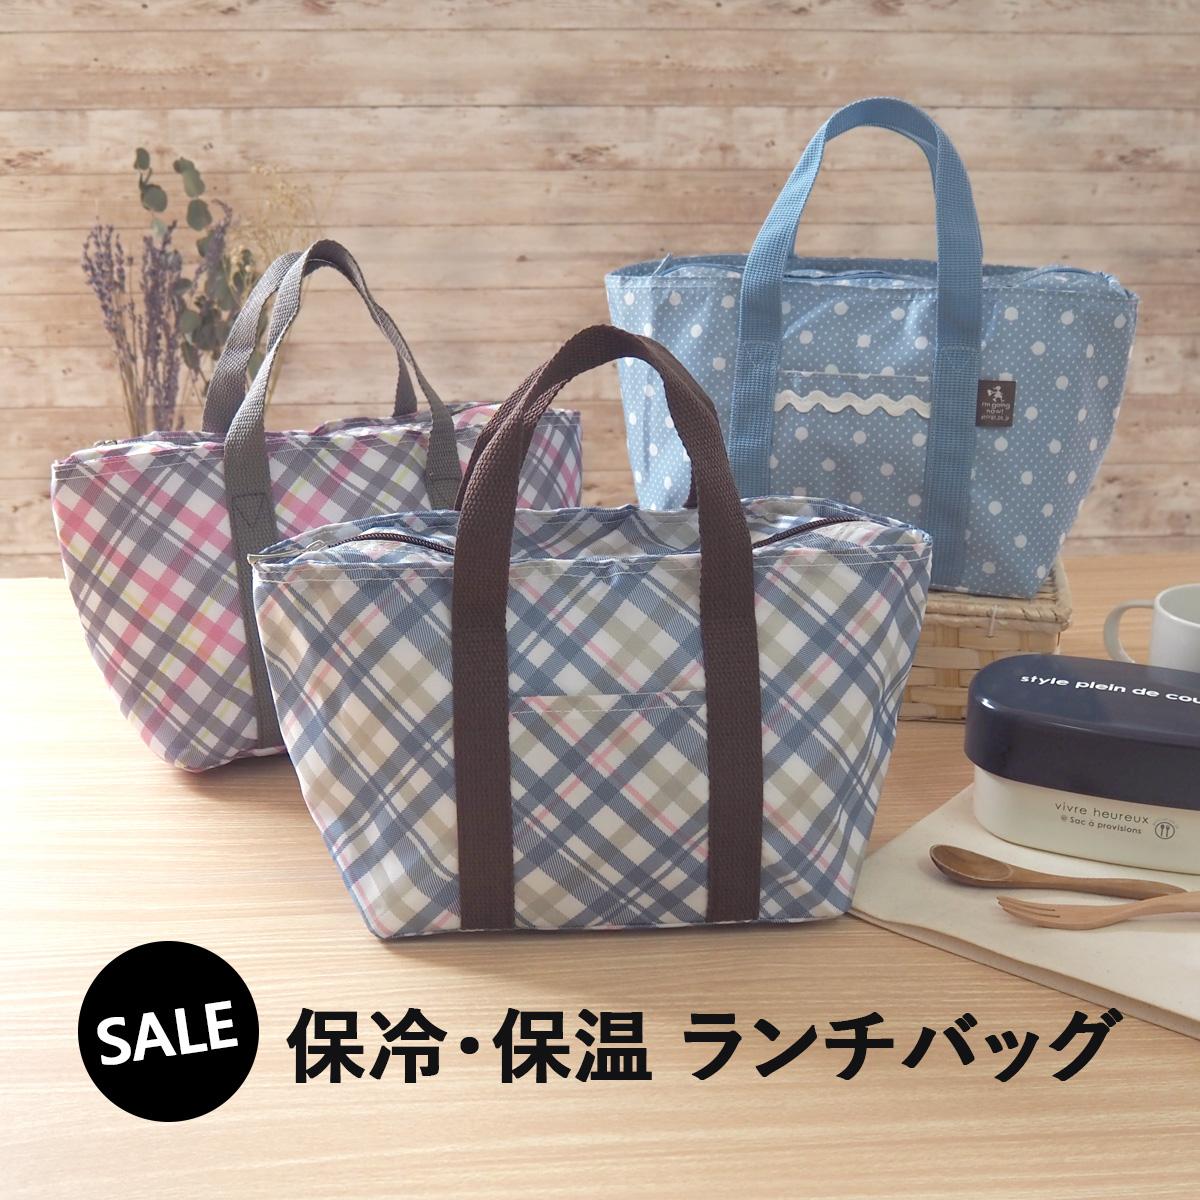 おしゃれなランチバッグ。お弁当も安心の保冷バッグです。 ランチバッグ・トートバッグ型 保冷保温 ランチバッグ 保冷バッグ お弁当